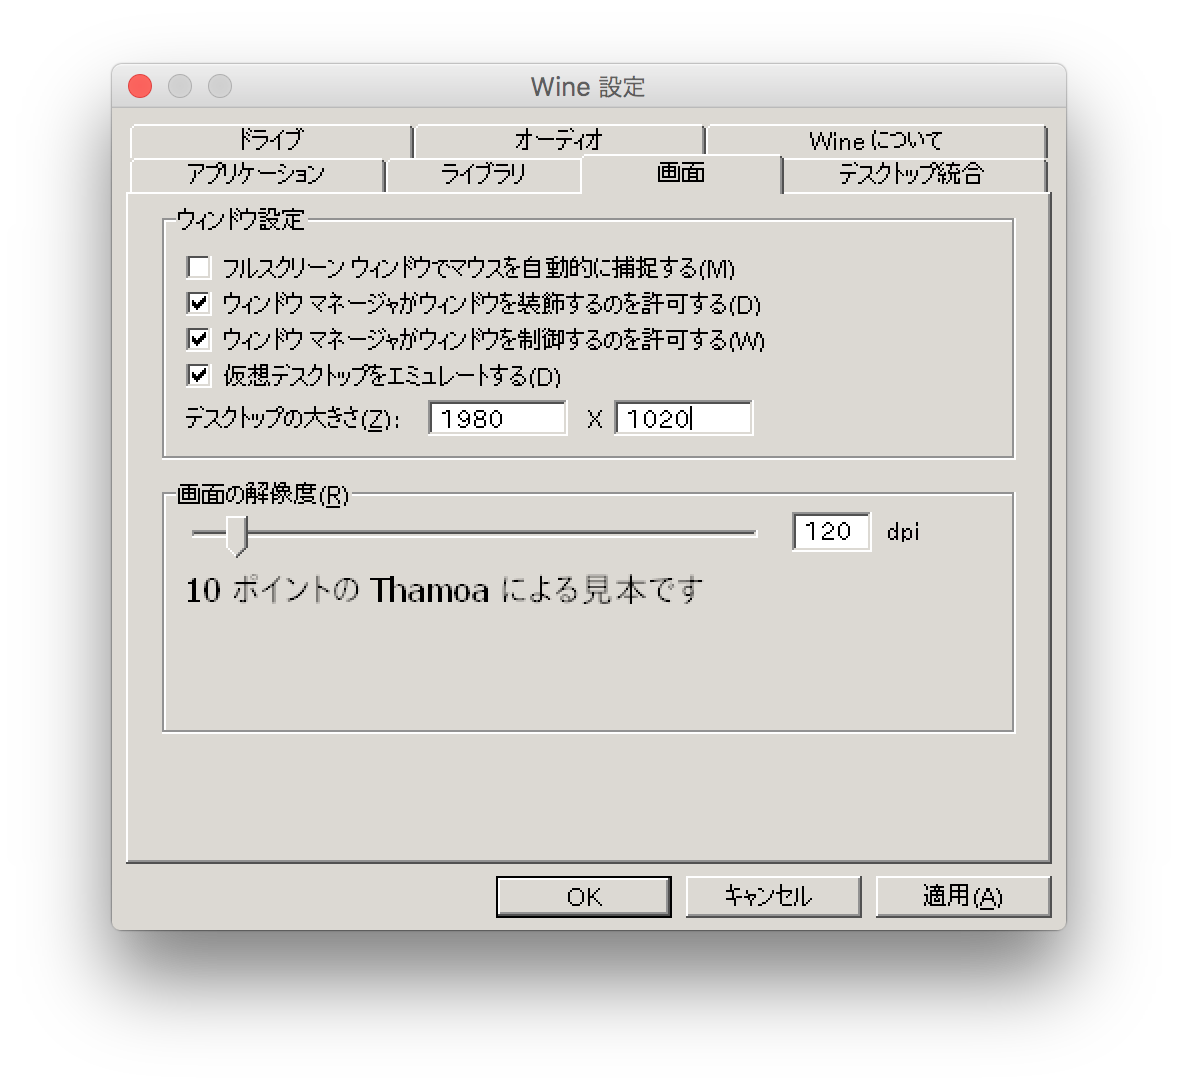 スクリーンショット 2016-04-17 19.53.05.png